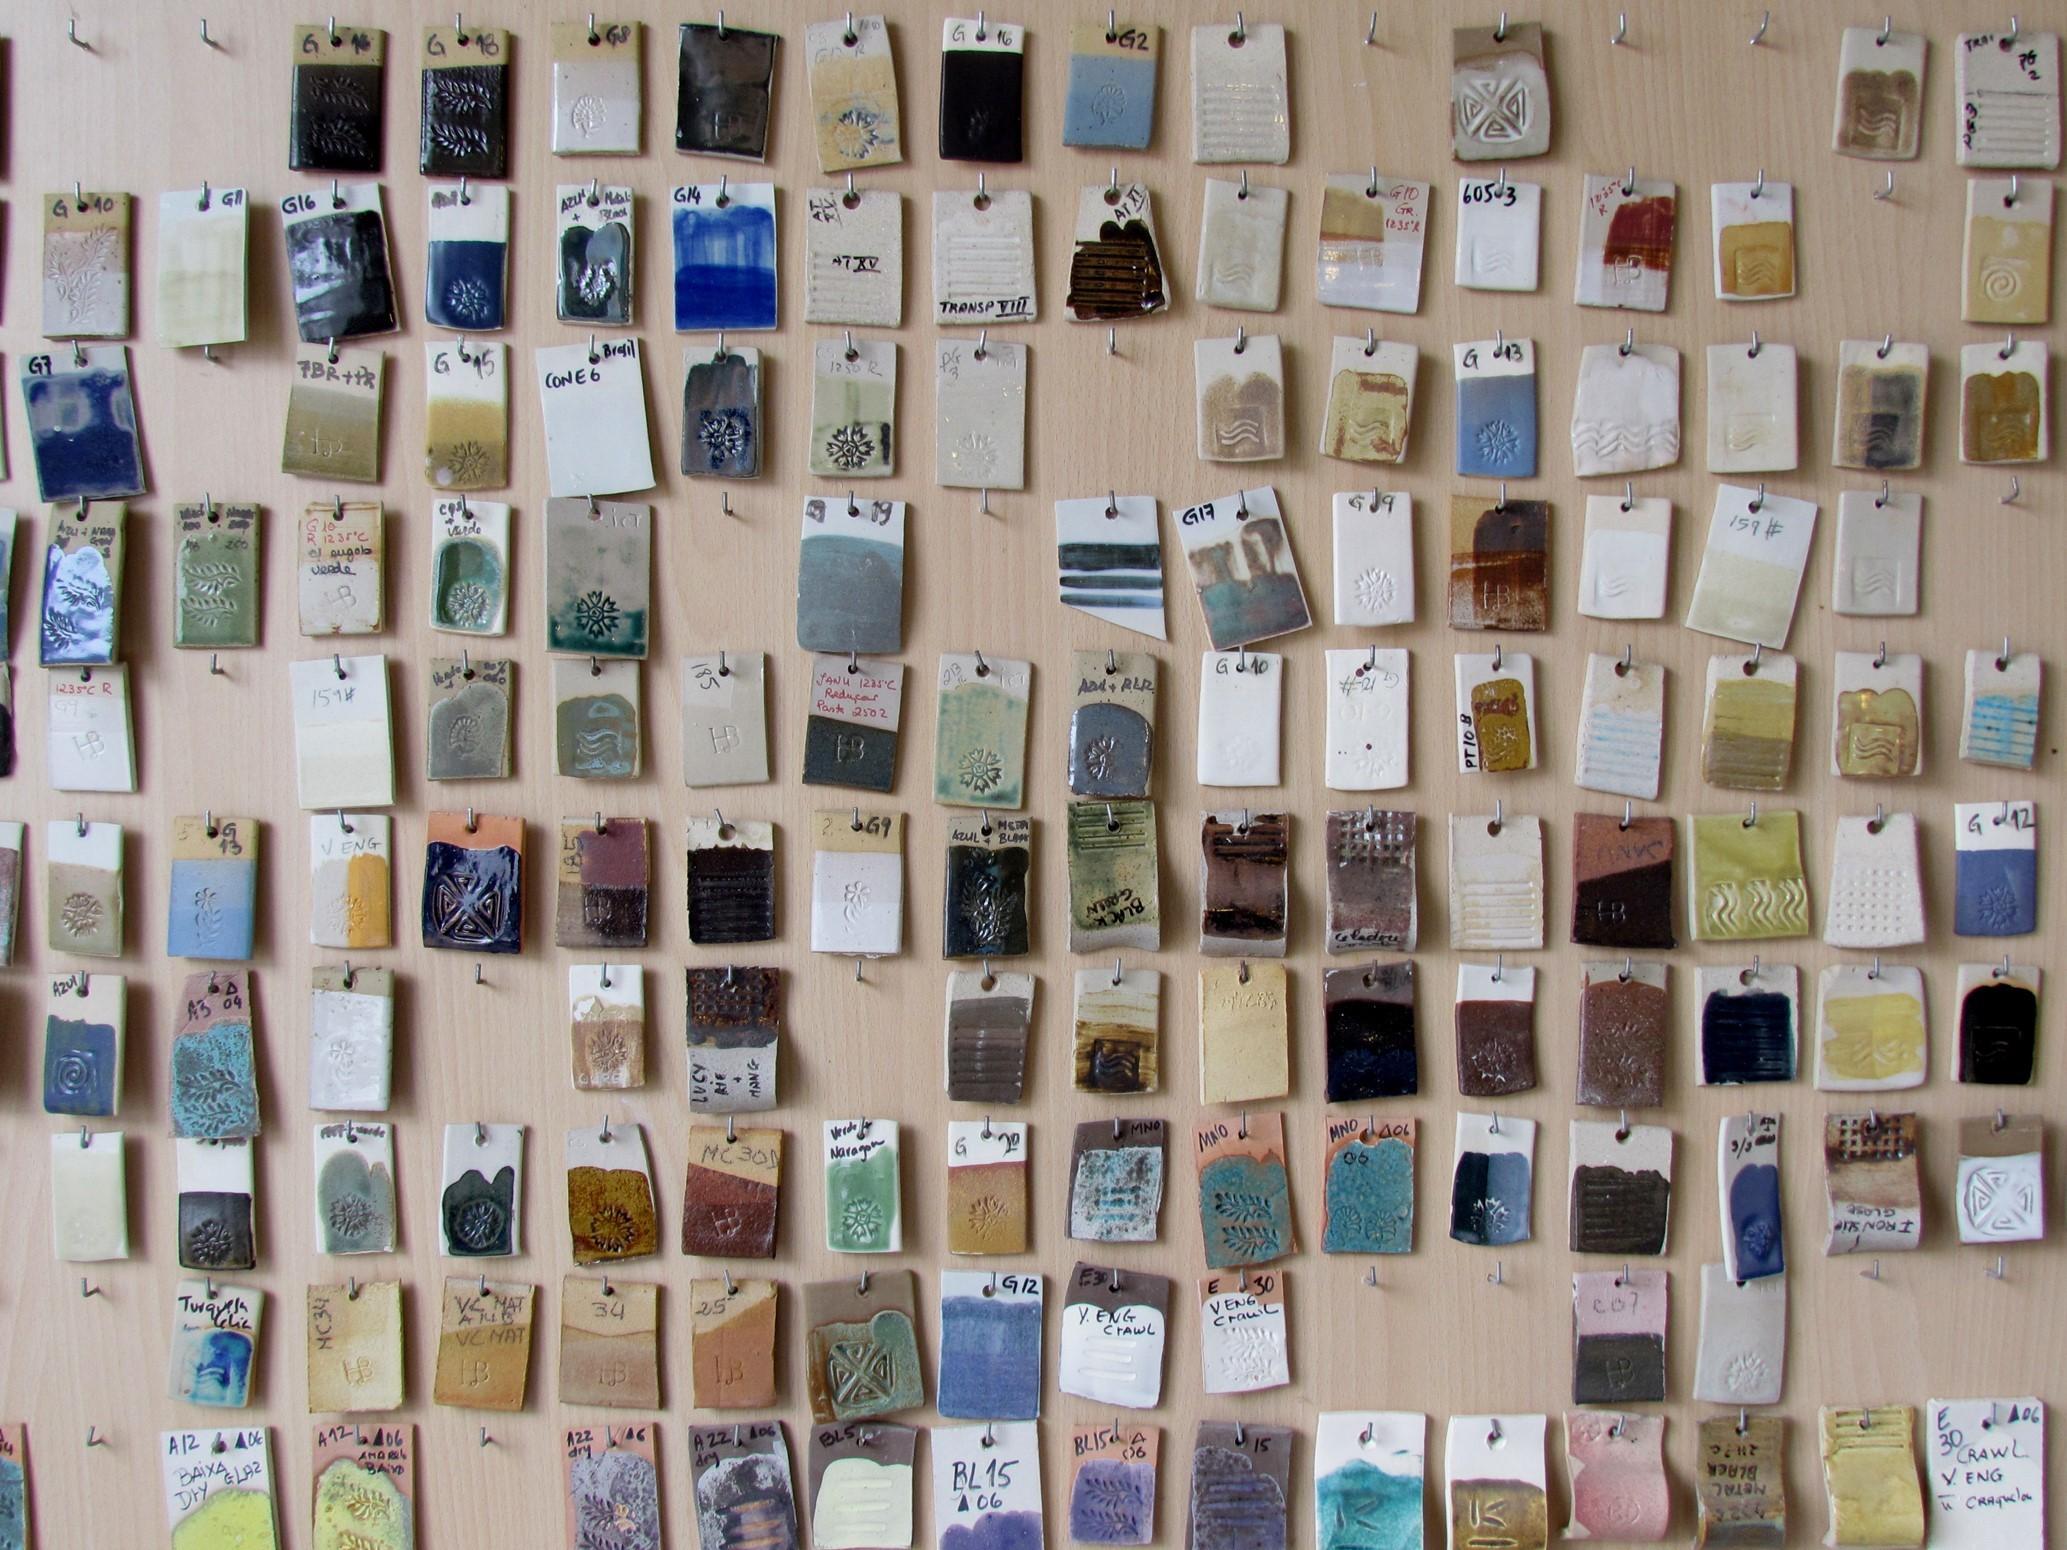 Fotografia, vidrados e plantas tintureiras: os workshops de Outono do Museu do Oriente